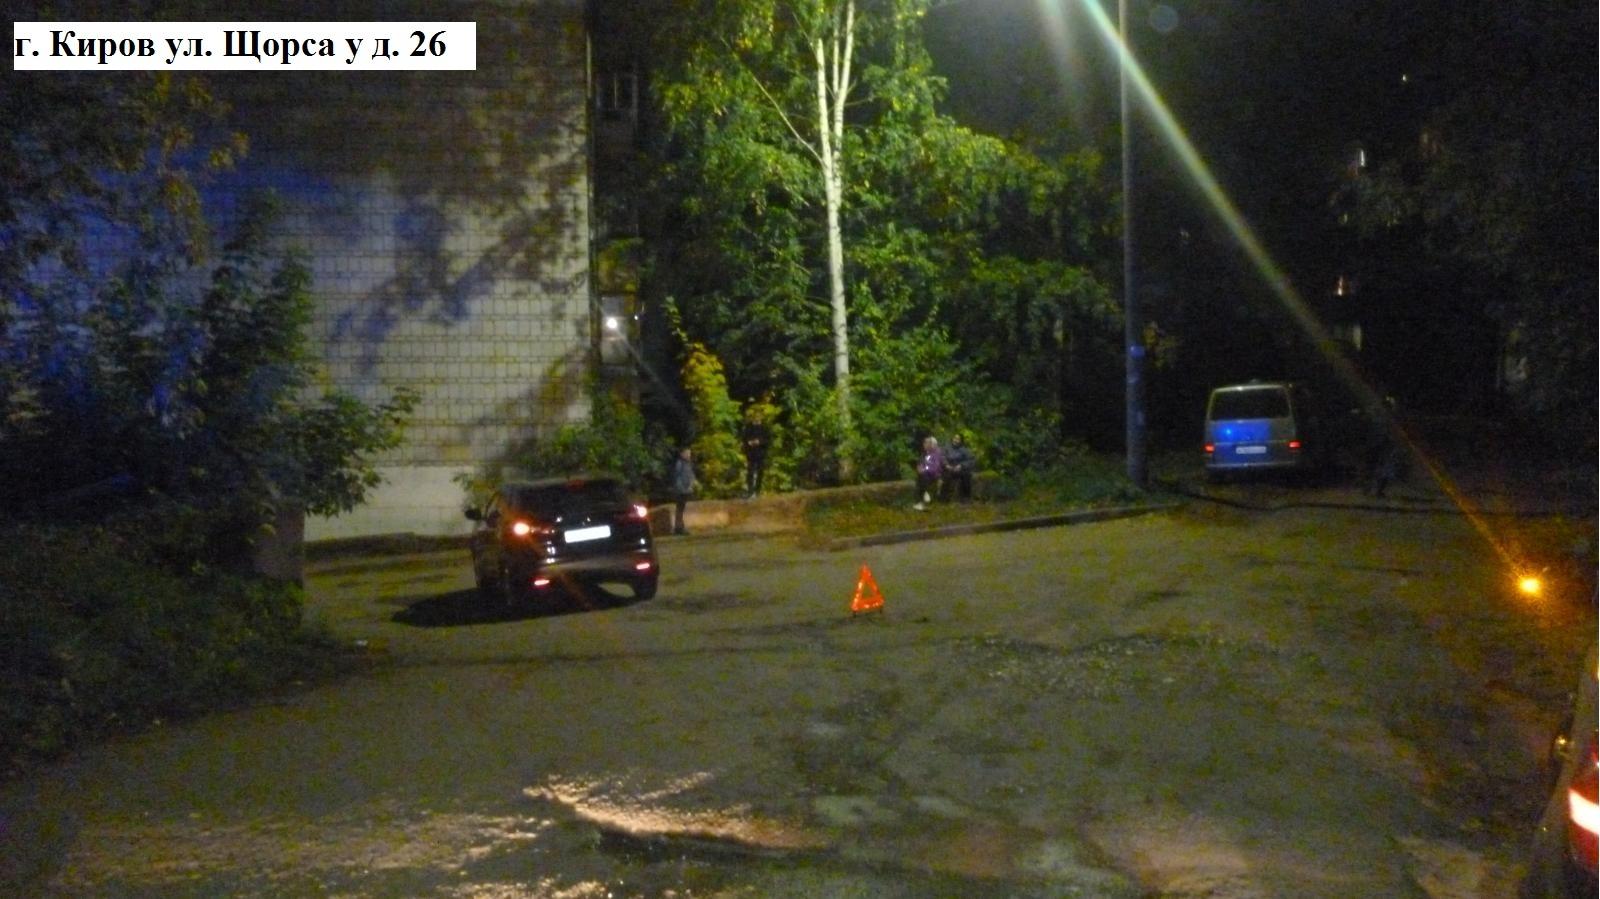 В Кирове водитель «Ниссана» насмерть сбил мужчину